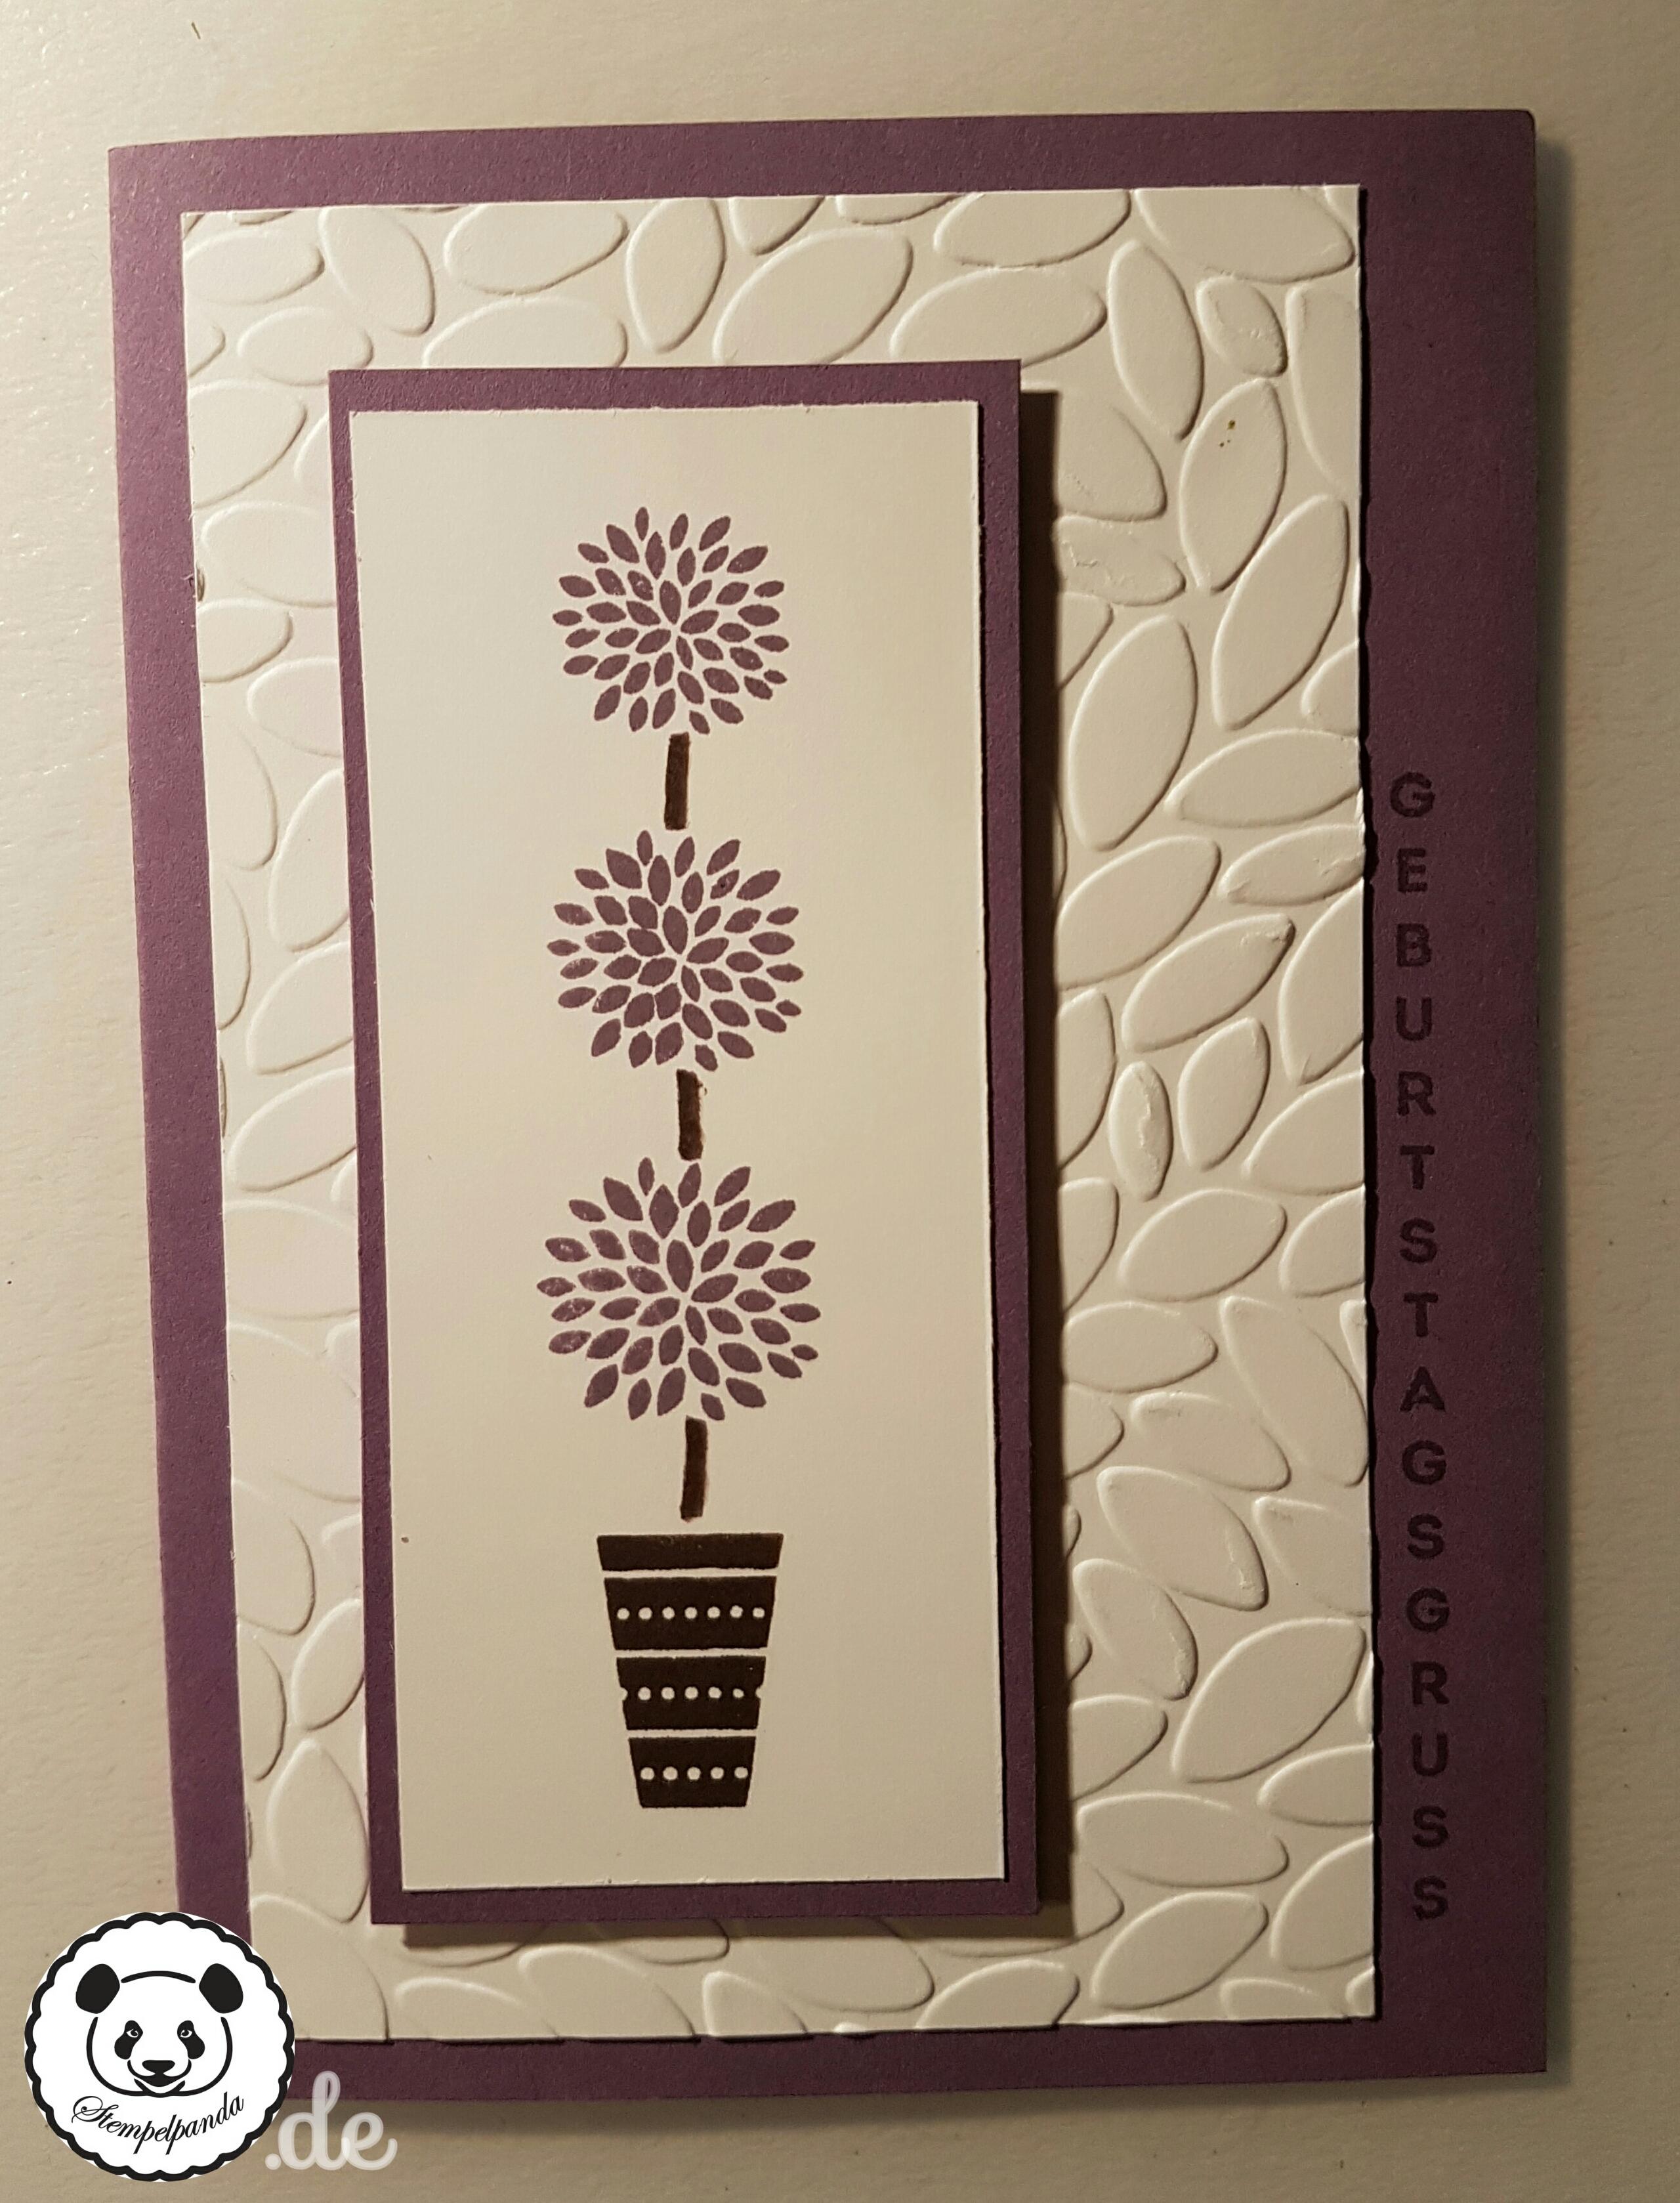 Stampin up, SU, Genial vertikal, Vertical Greetings, Prägeform Blätter